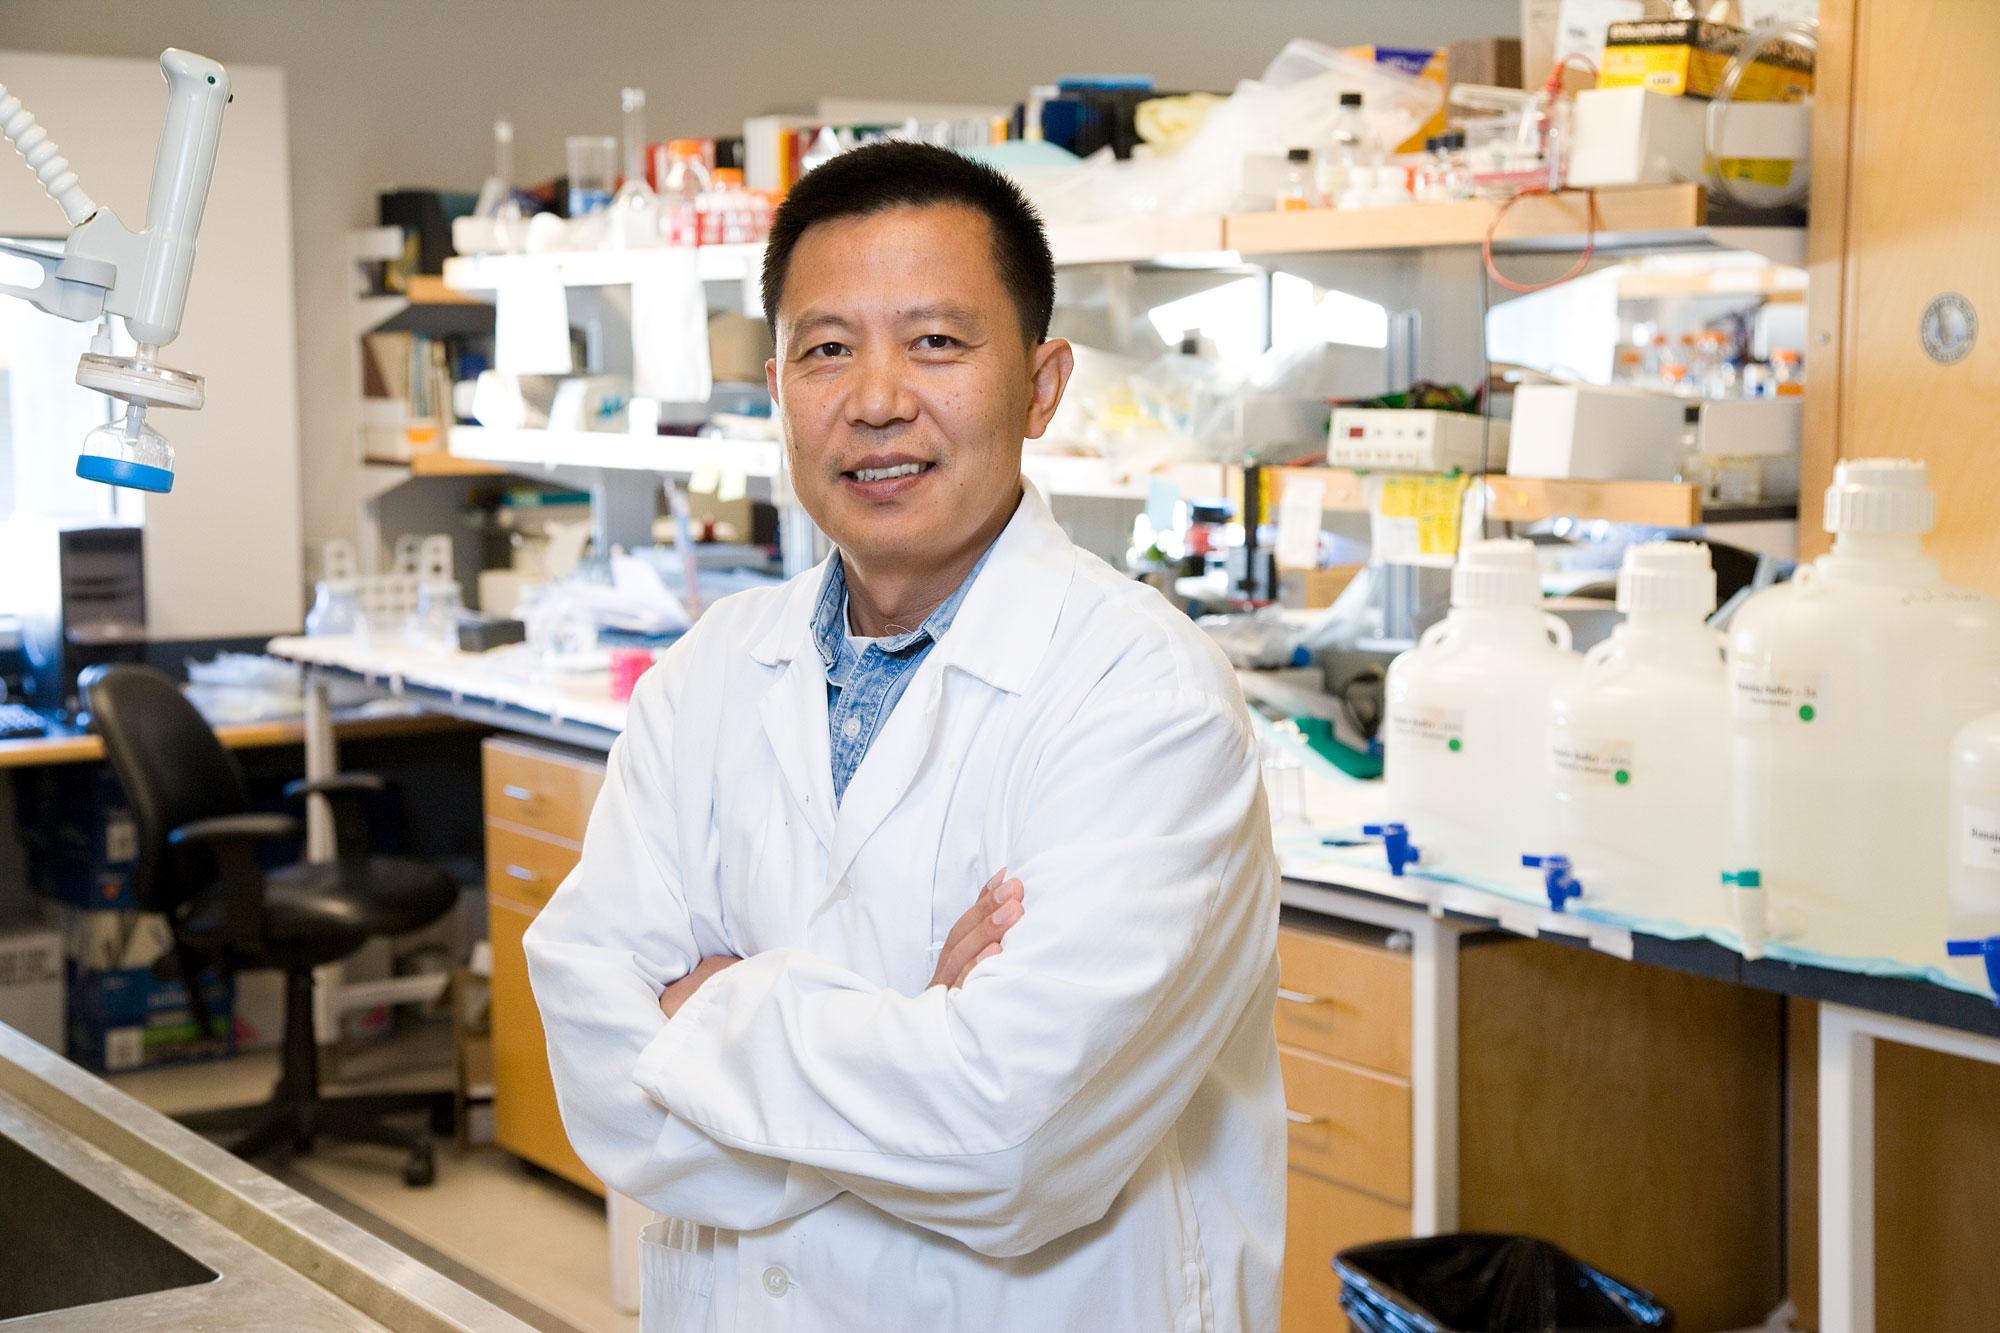 Dr. Yu Tian Wang